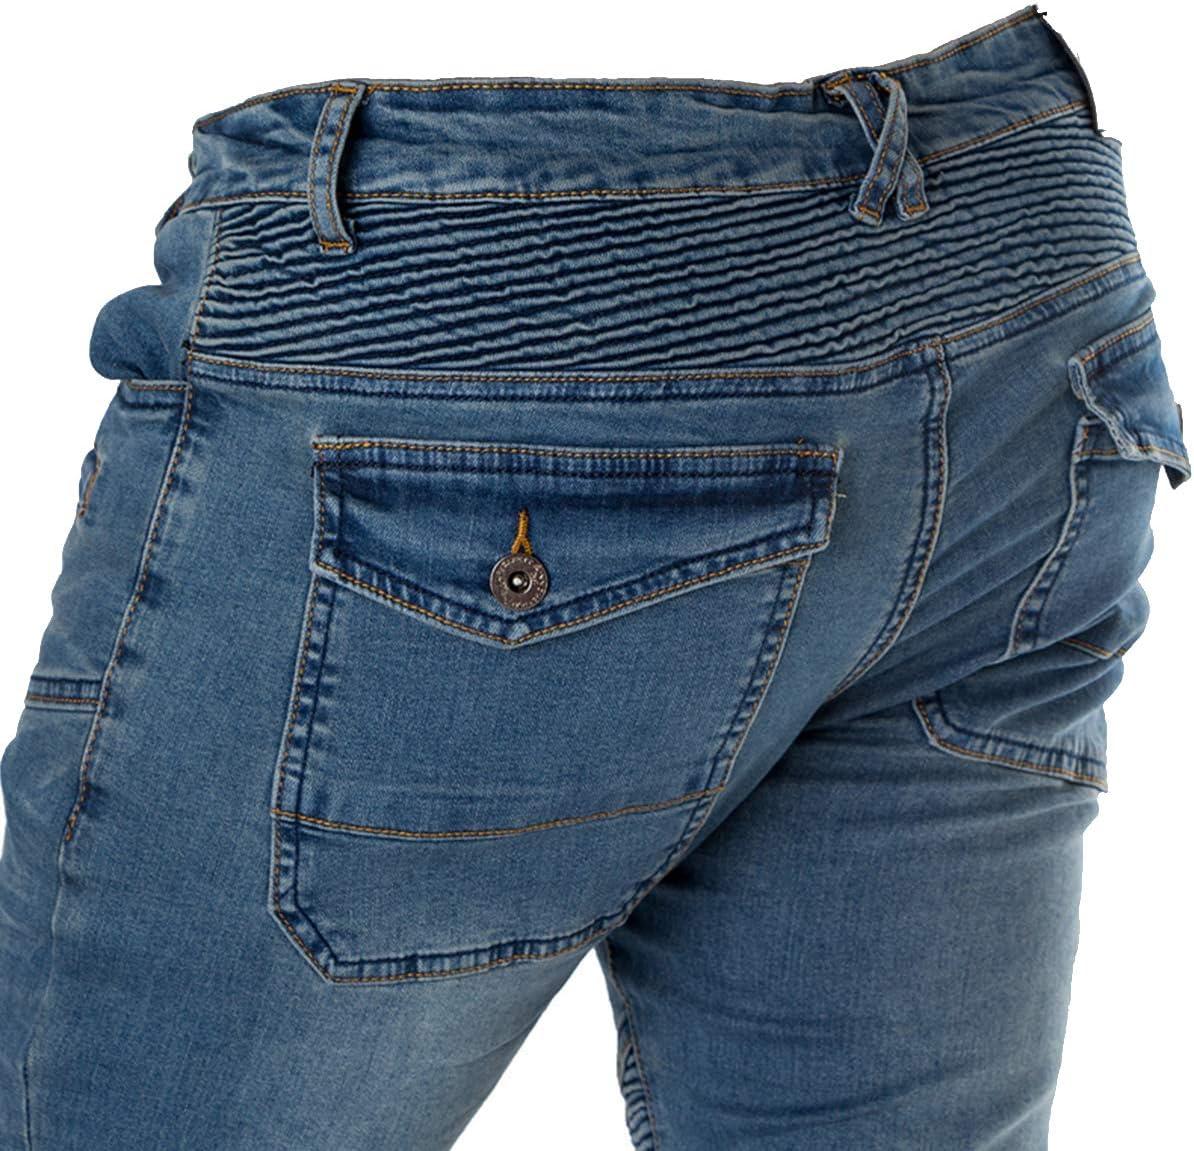 medium zapatillas de casa Exclusiv talla 38 cuero azul//jeans azul no-name